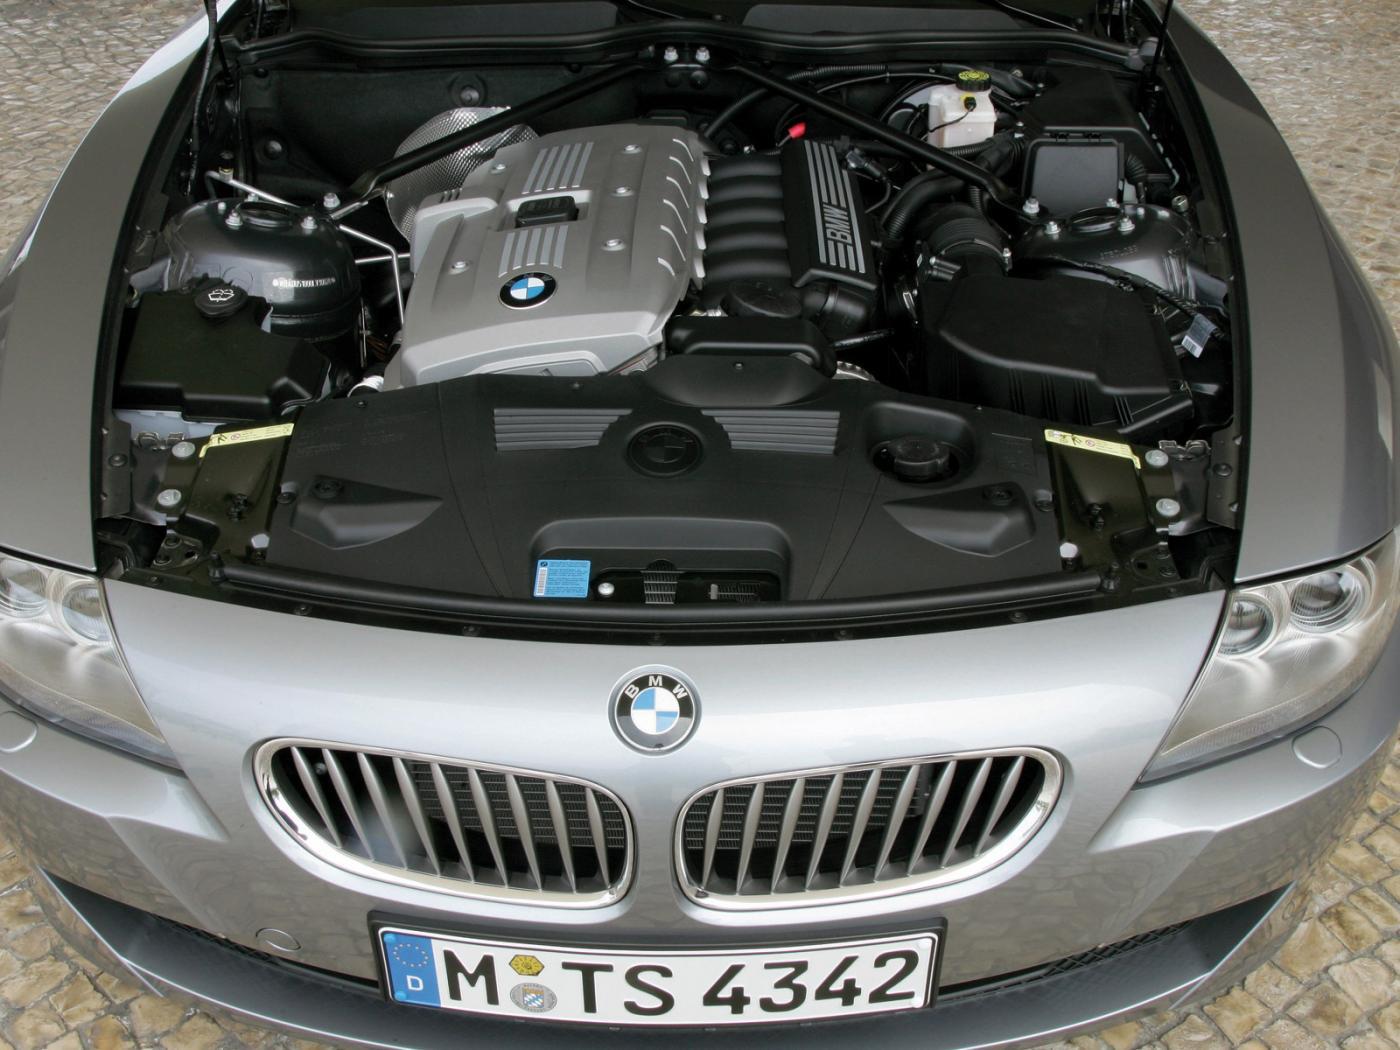 BMW-Z4-E85-5.jpeg